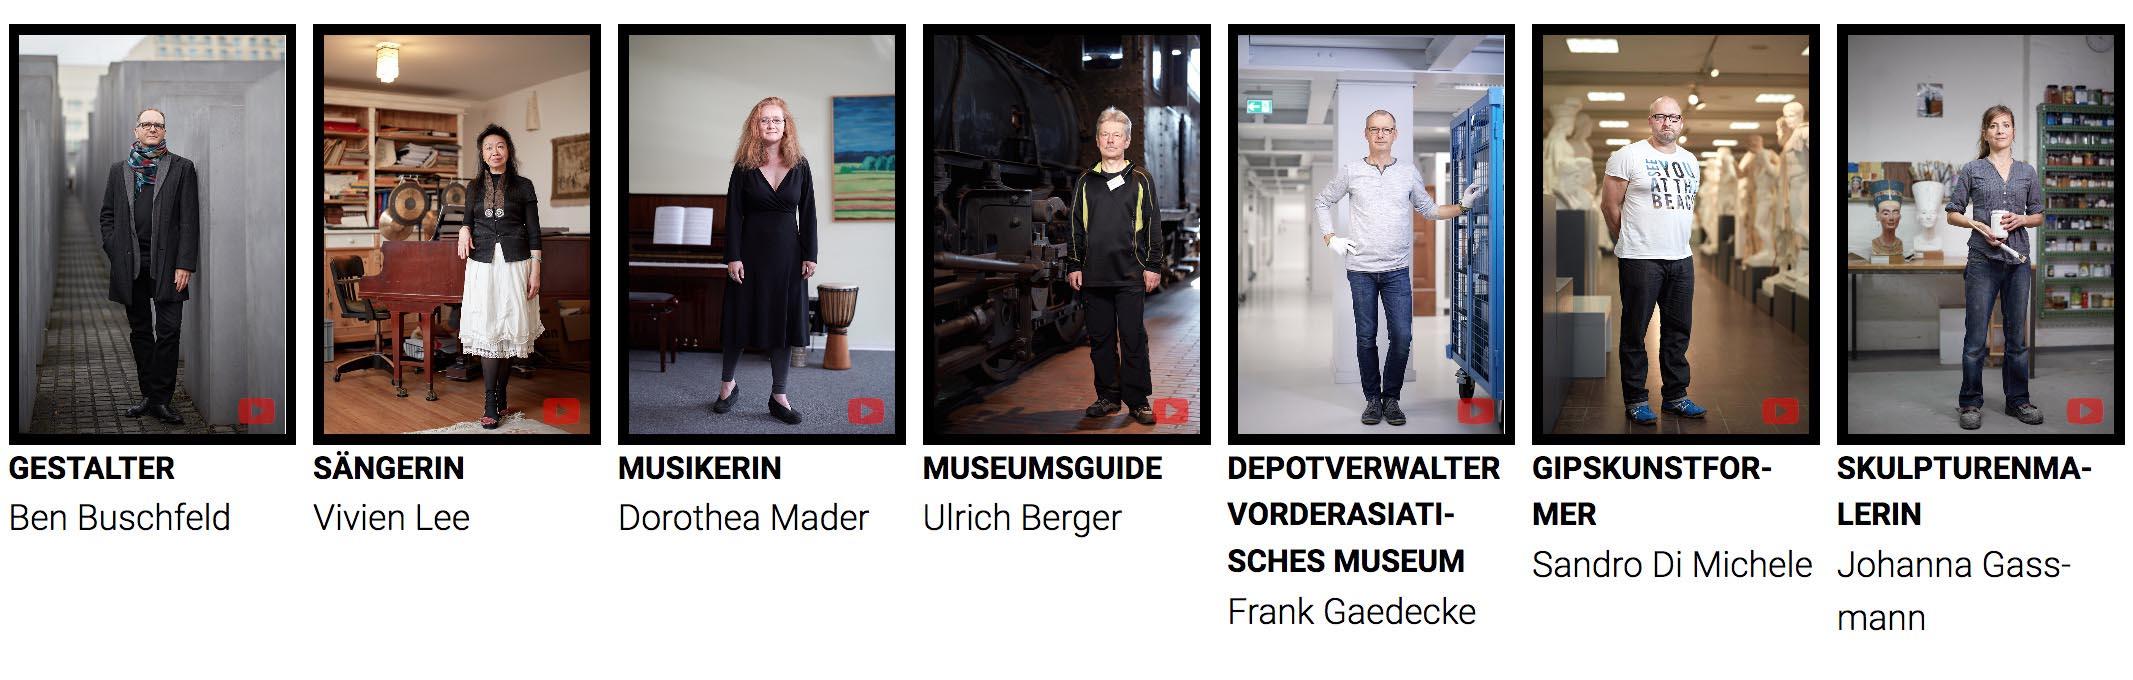 Serie 3 - work21 - von Frank Nürnberger